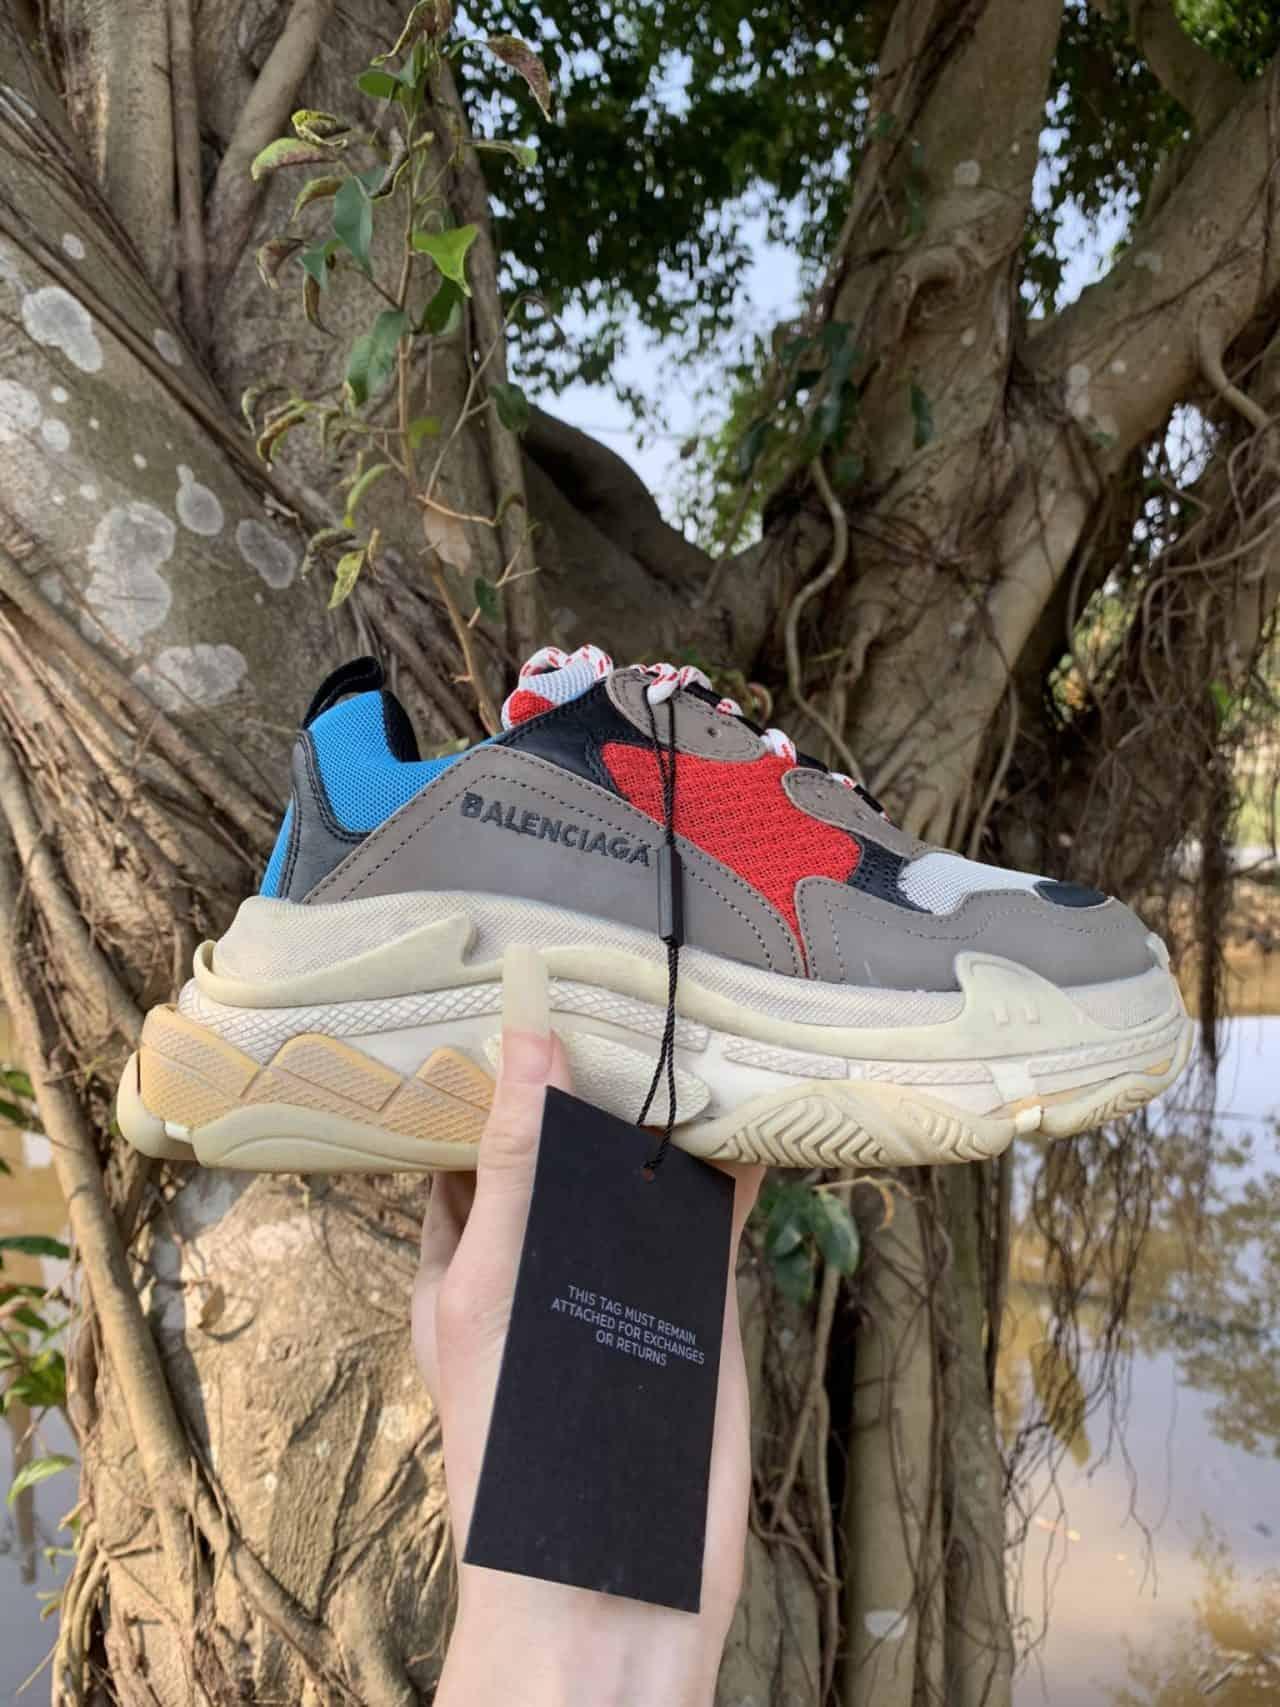 Giày Balenciaga Triple S Đỏ Xanh rep 1:1 là lựa chọn được nhiều bạn đánh giá cao